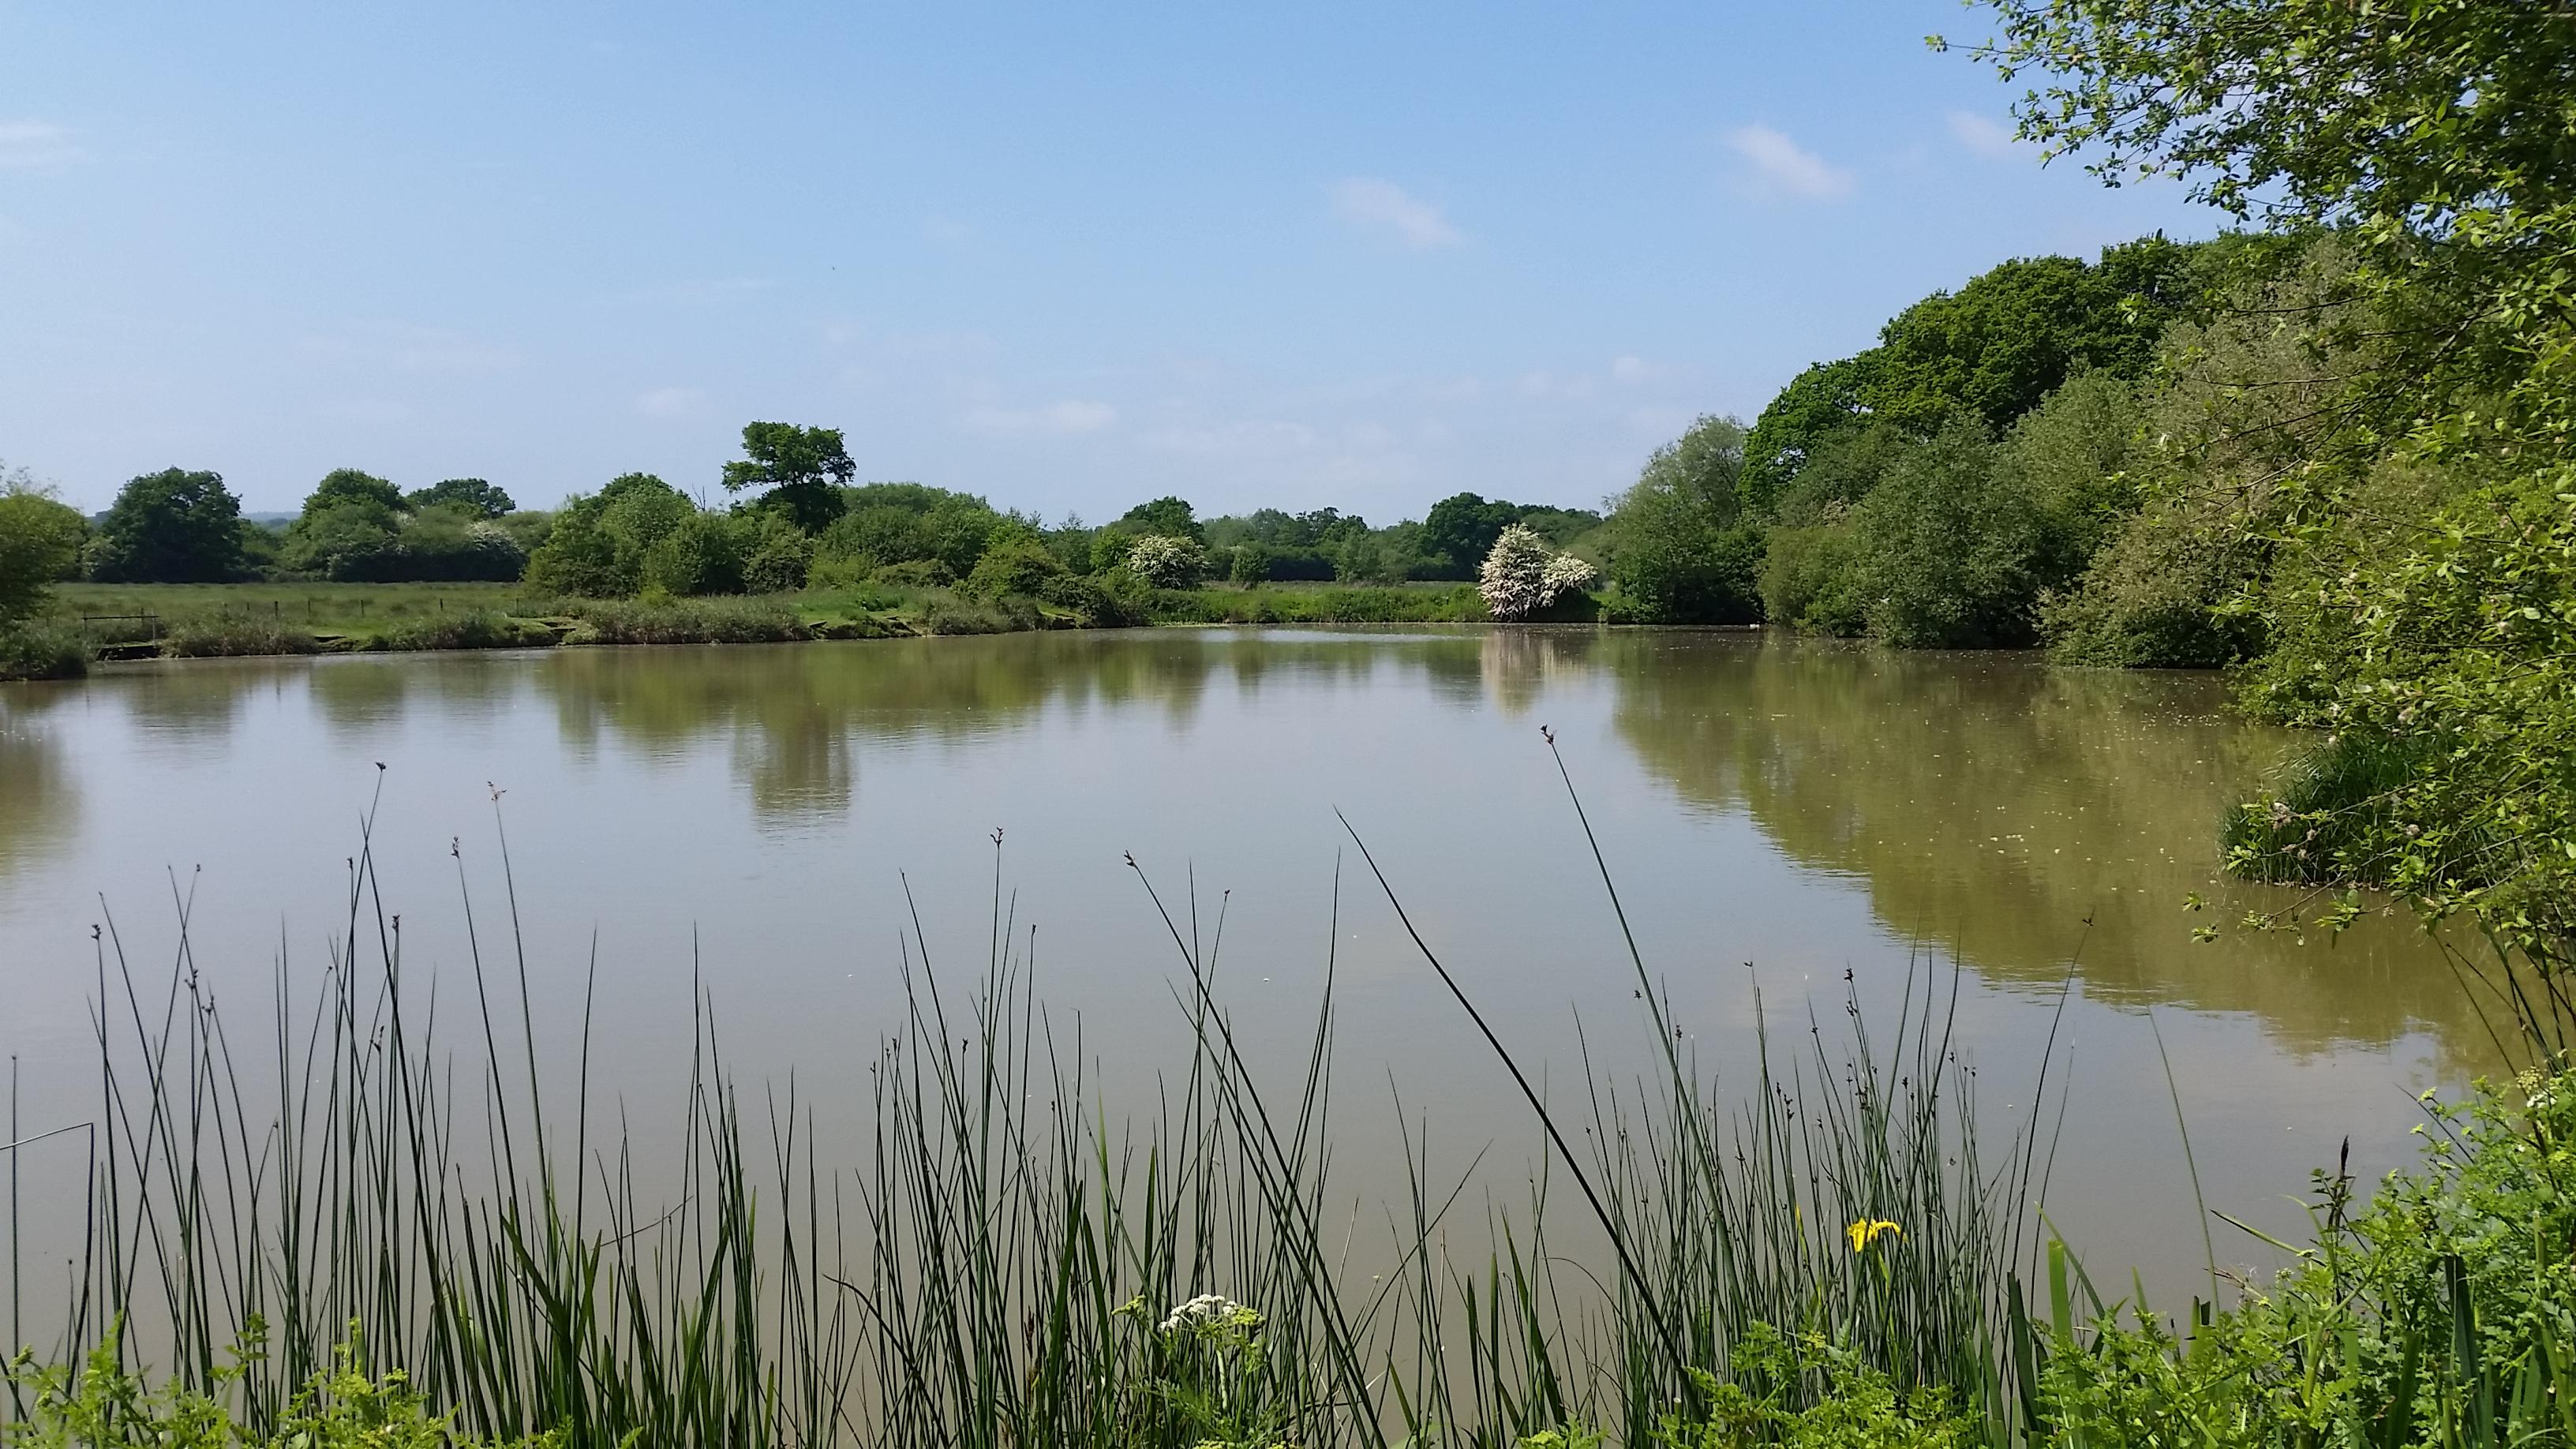 Nyewood Bottom Pond